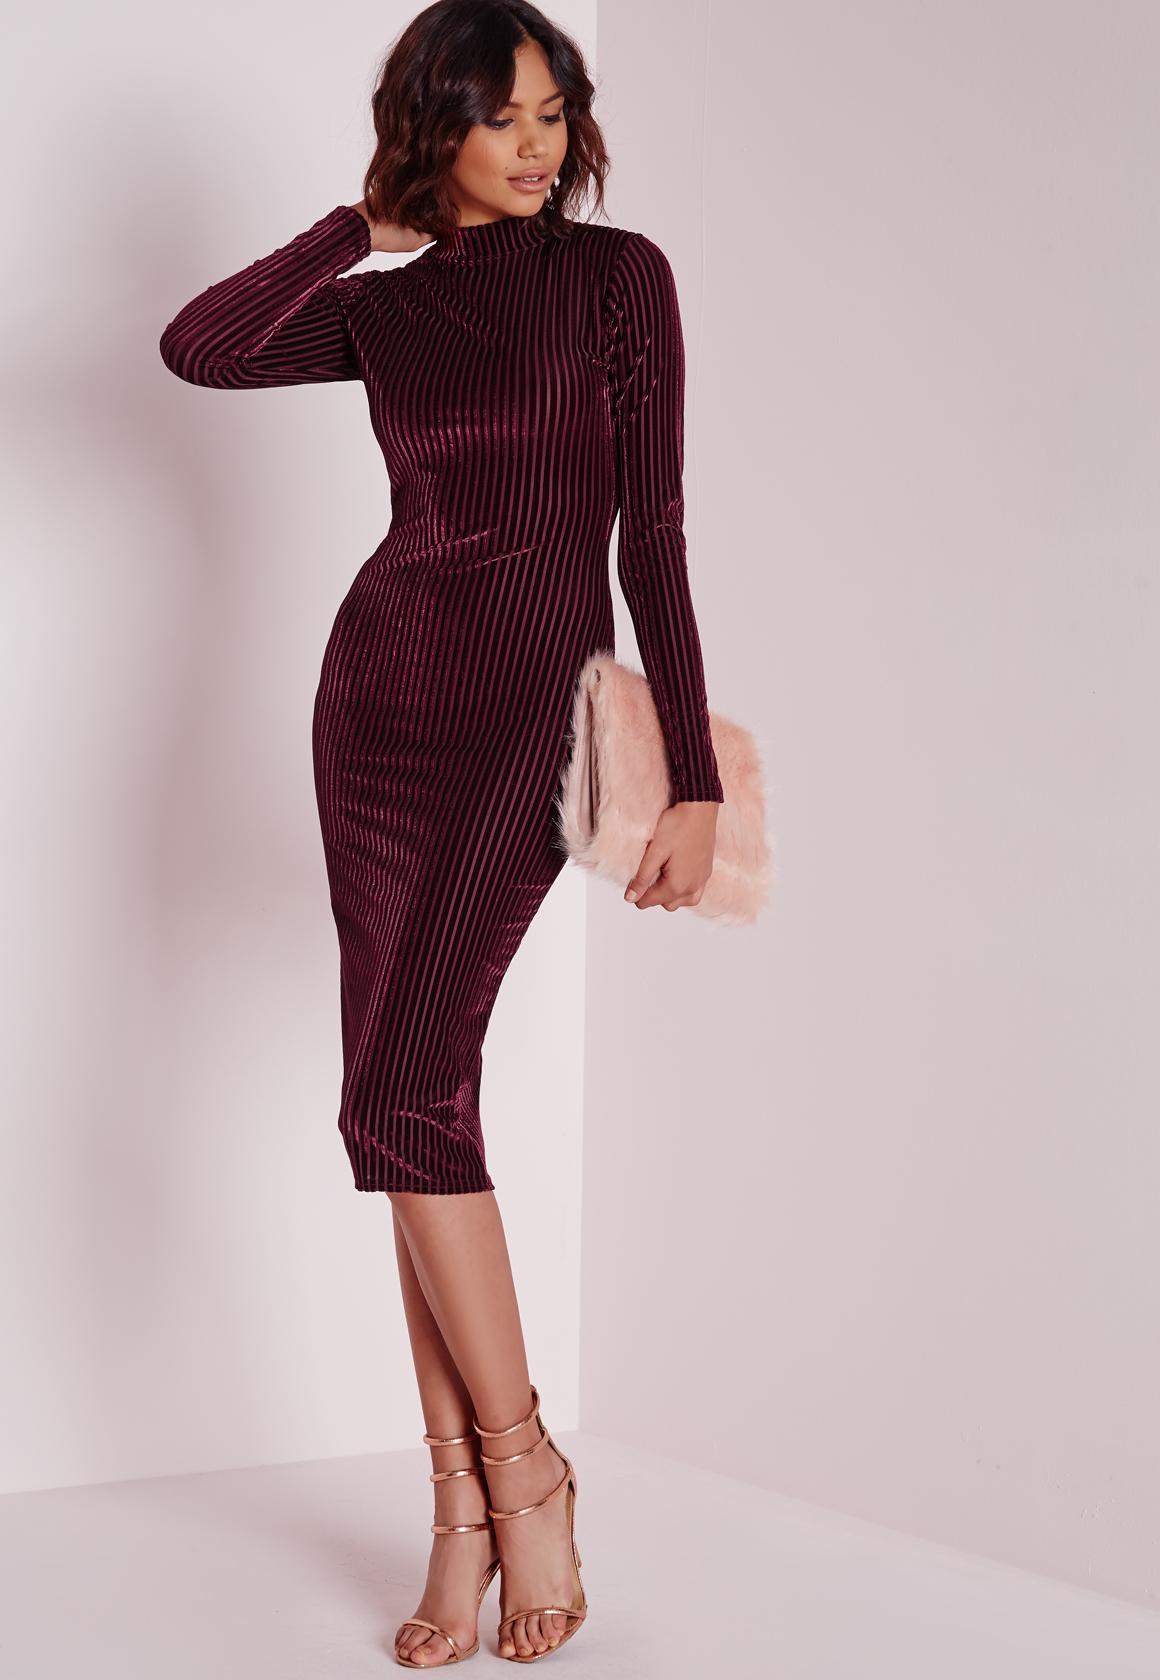 eb7e80846b03 Lyst - Missguided Velvet Ribbed Long Sleeve Midi Dress Burgundy in ...